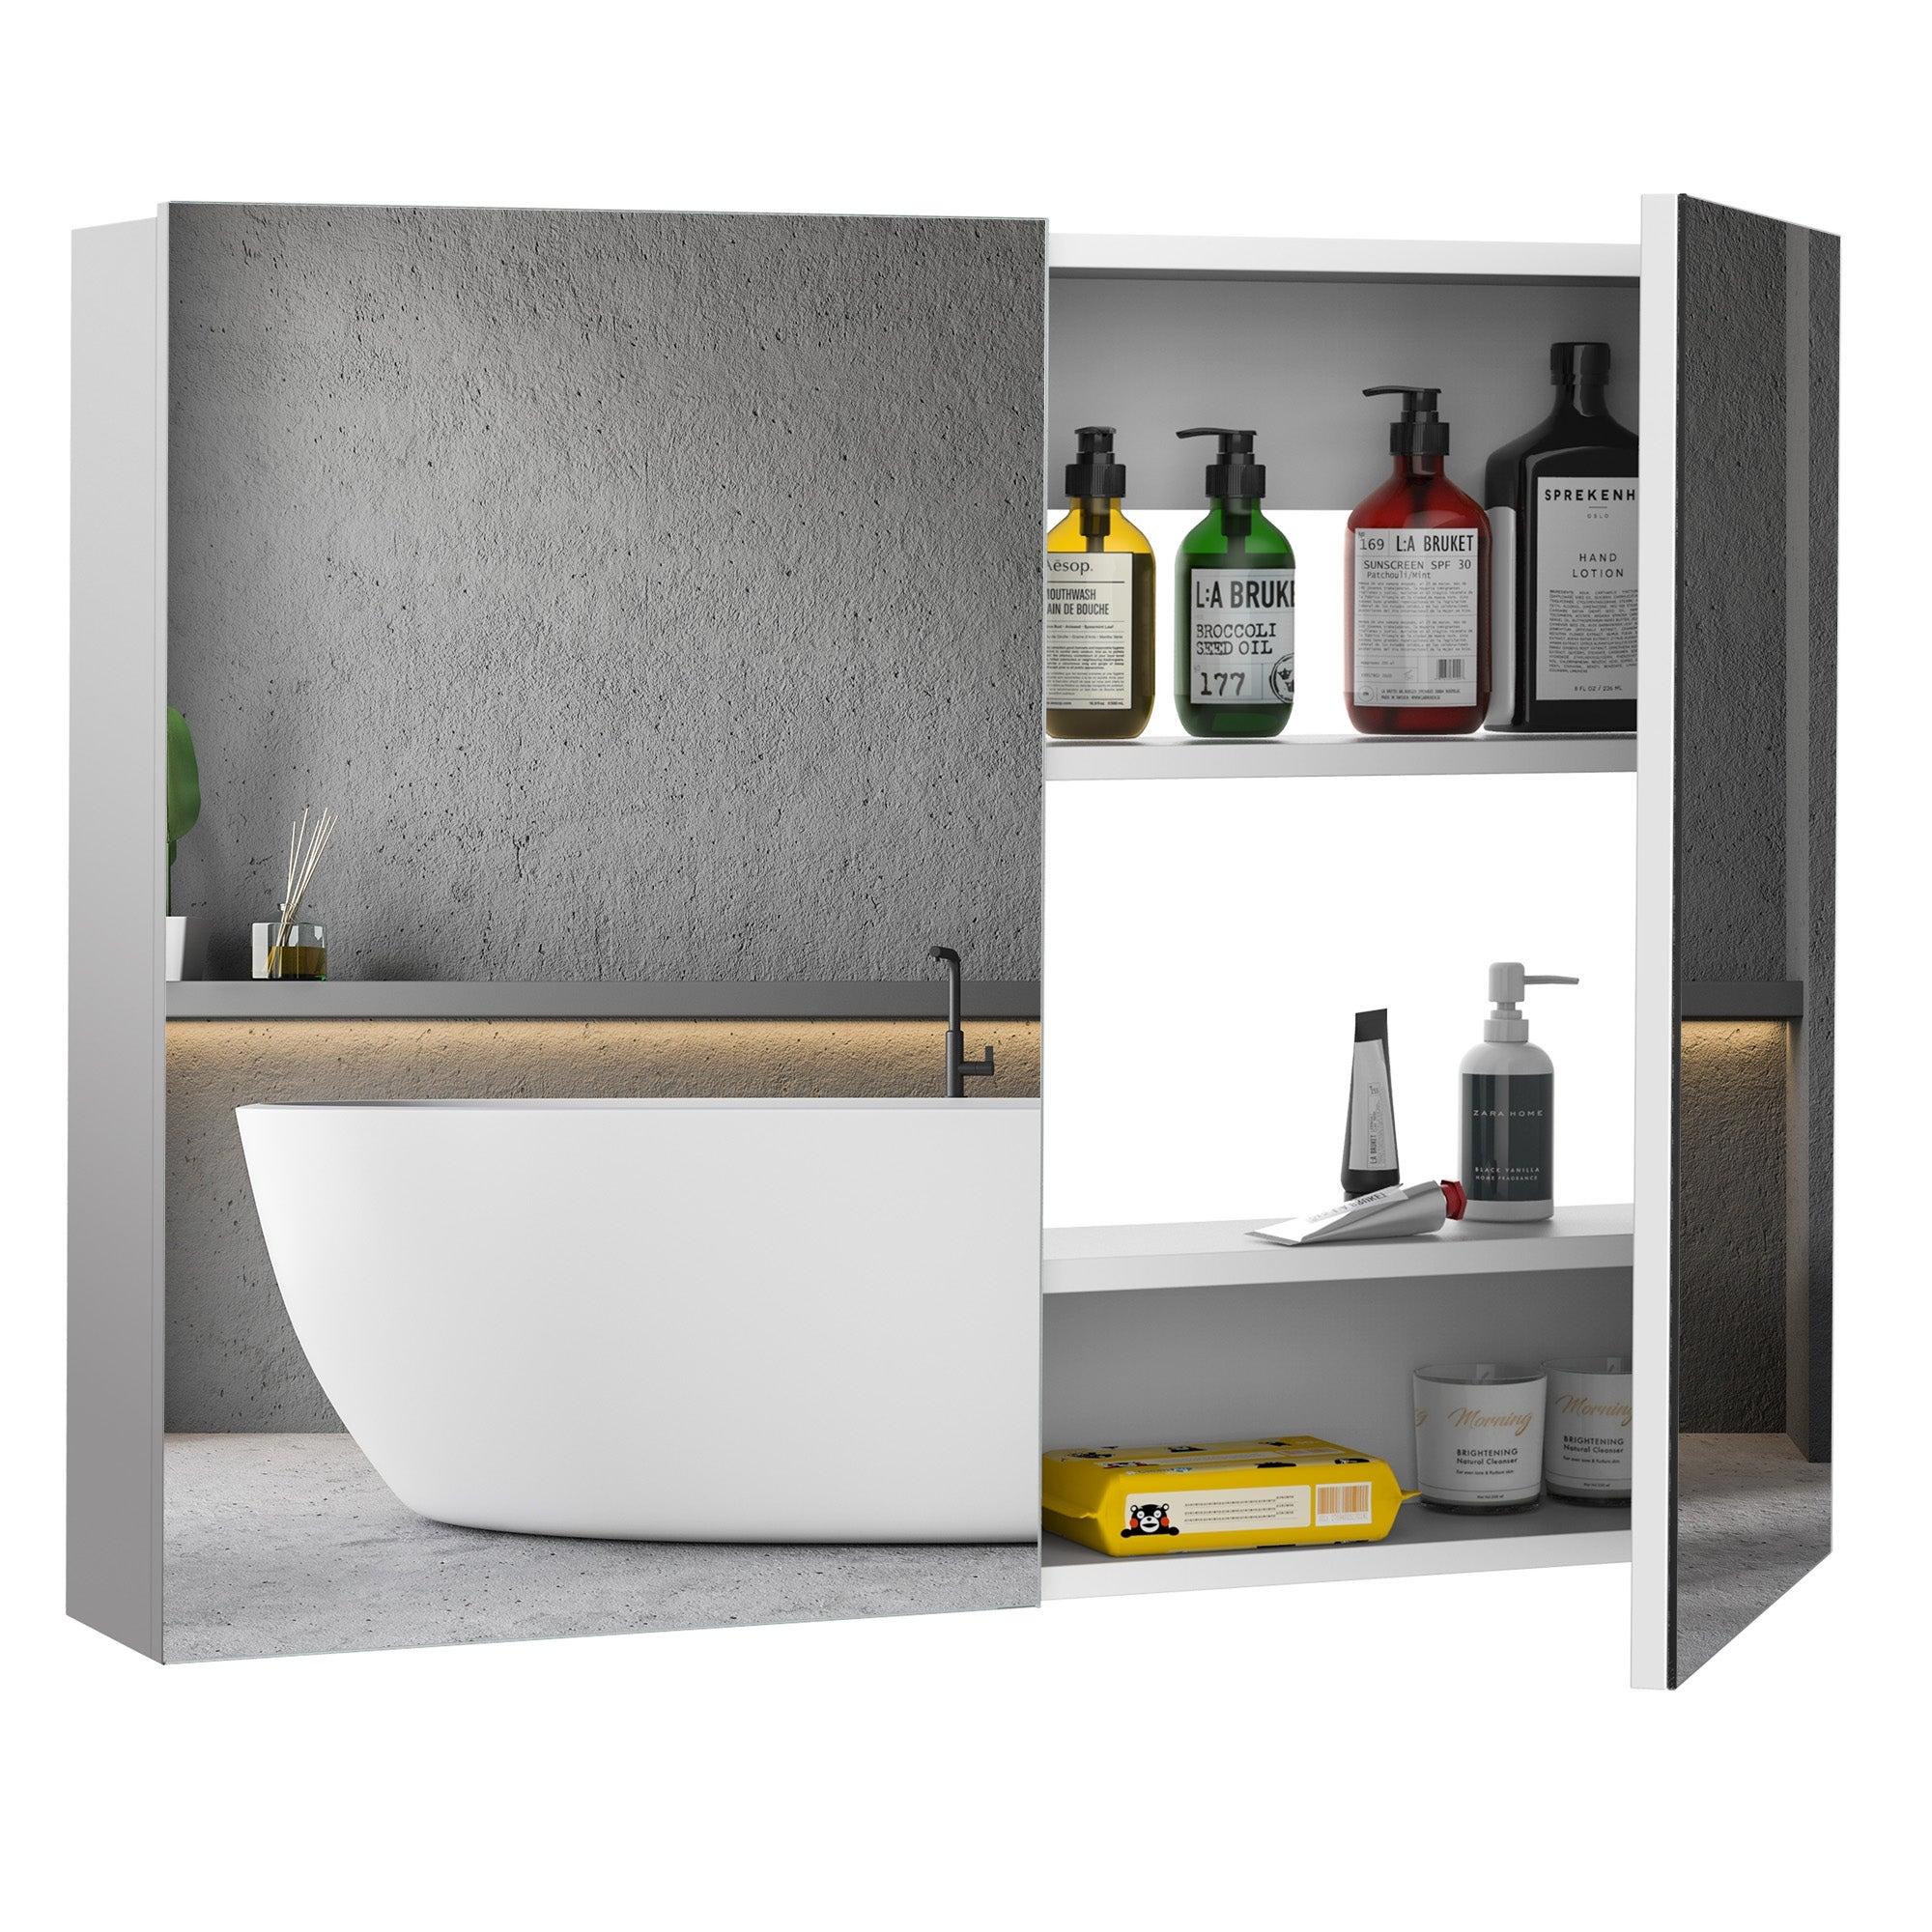 Homcom Double Door Wall Mounted Bathroom Mirror Medicine Cabinet With Modern Design Large Storage Quiet Hinges 23 5 31 5 6 Overstock 30966698